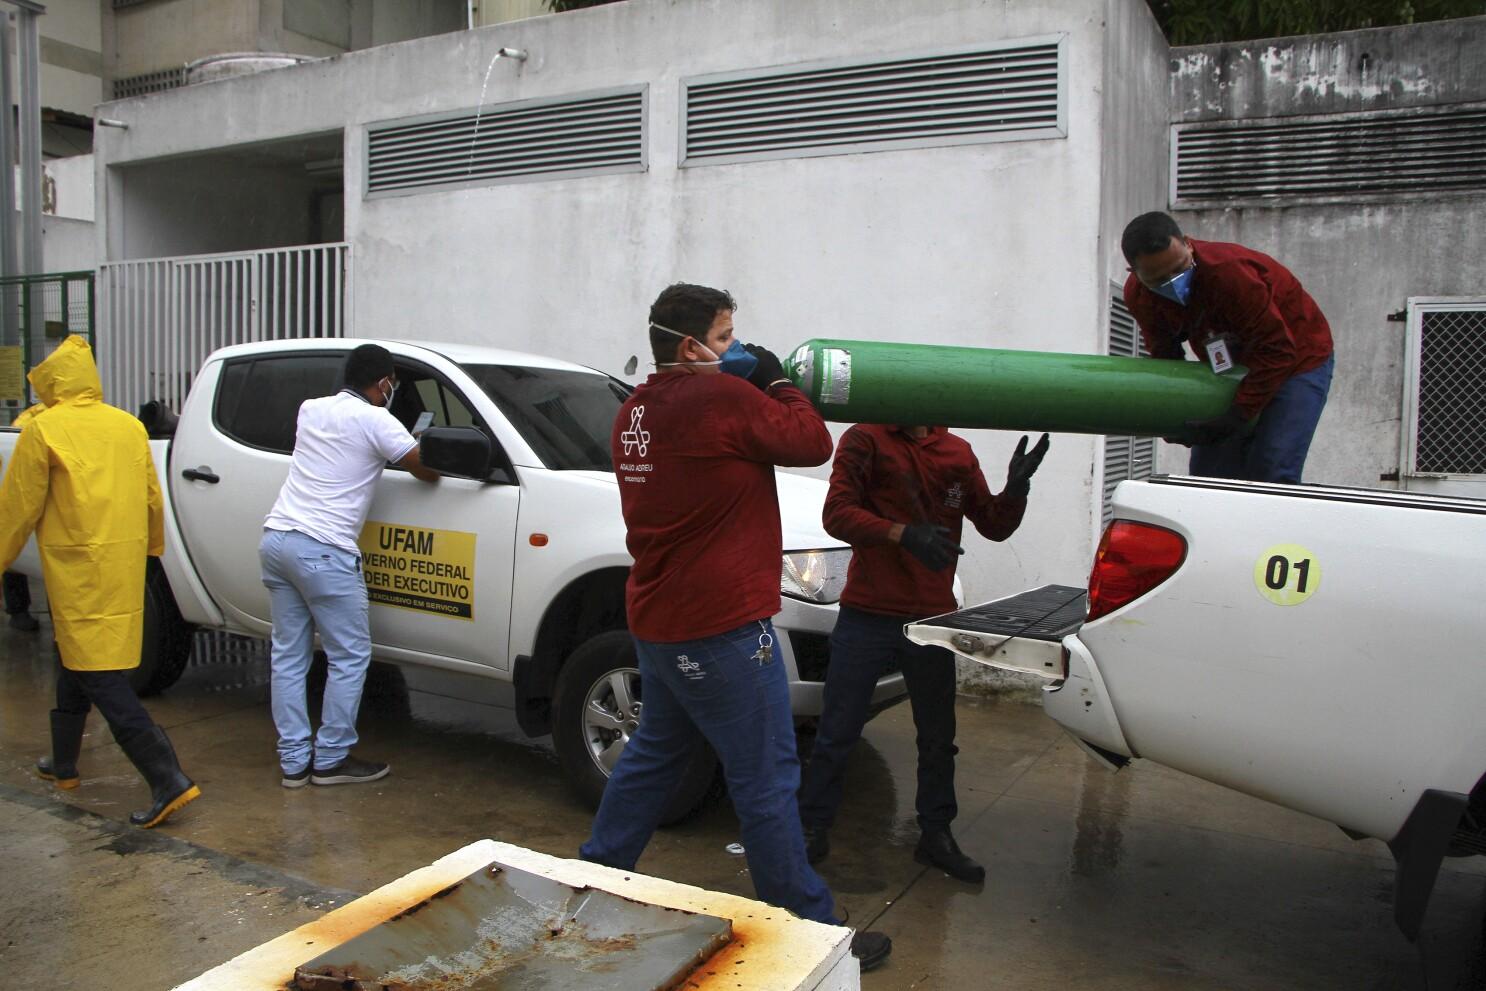 Brasil: Transfieren a pacientes de COVID al escasear oxígeno - San Diego  Union-Tribune en Español